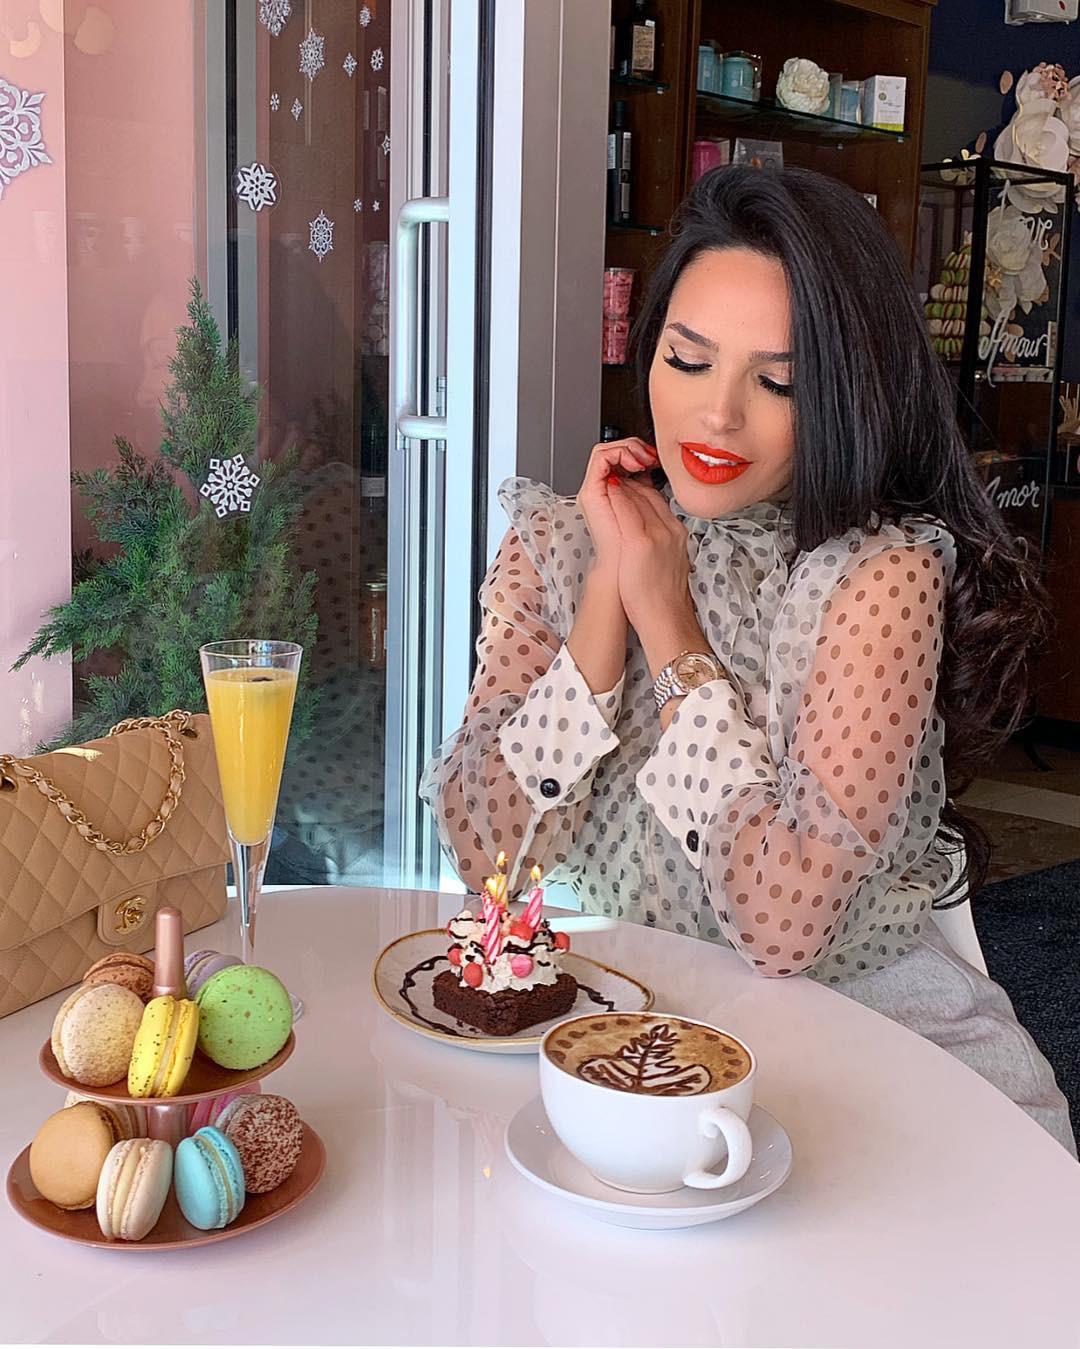 Shadi Y Cair, brown hair, sweetness, breakfast